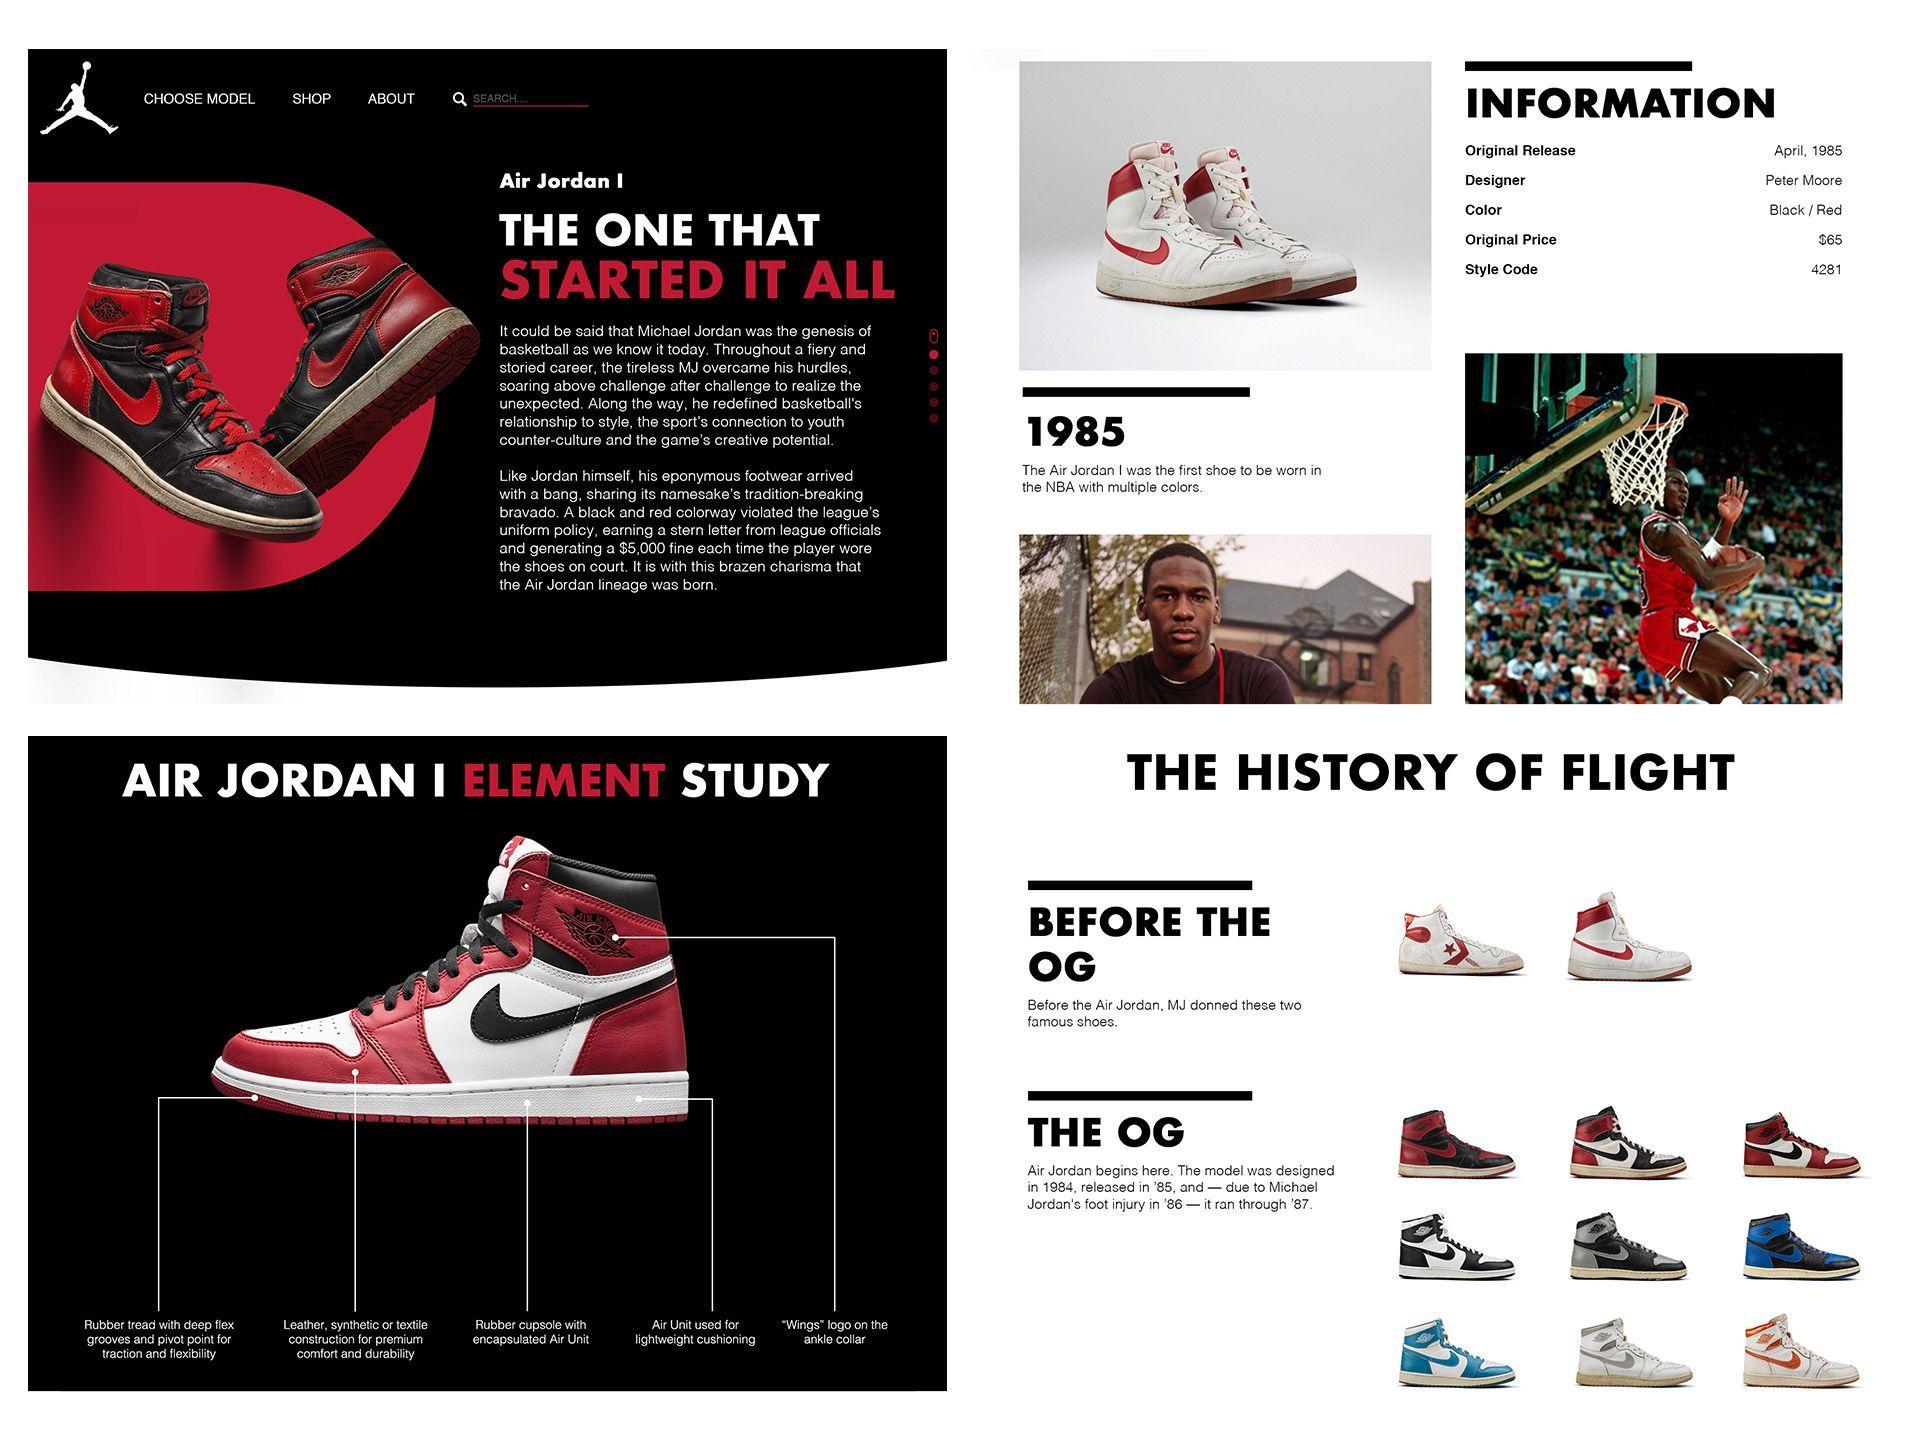 Jordan 1 Landing Page Redesign